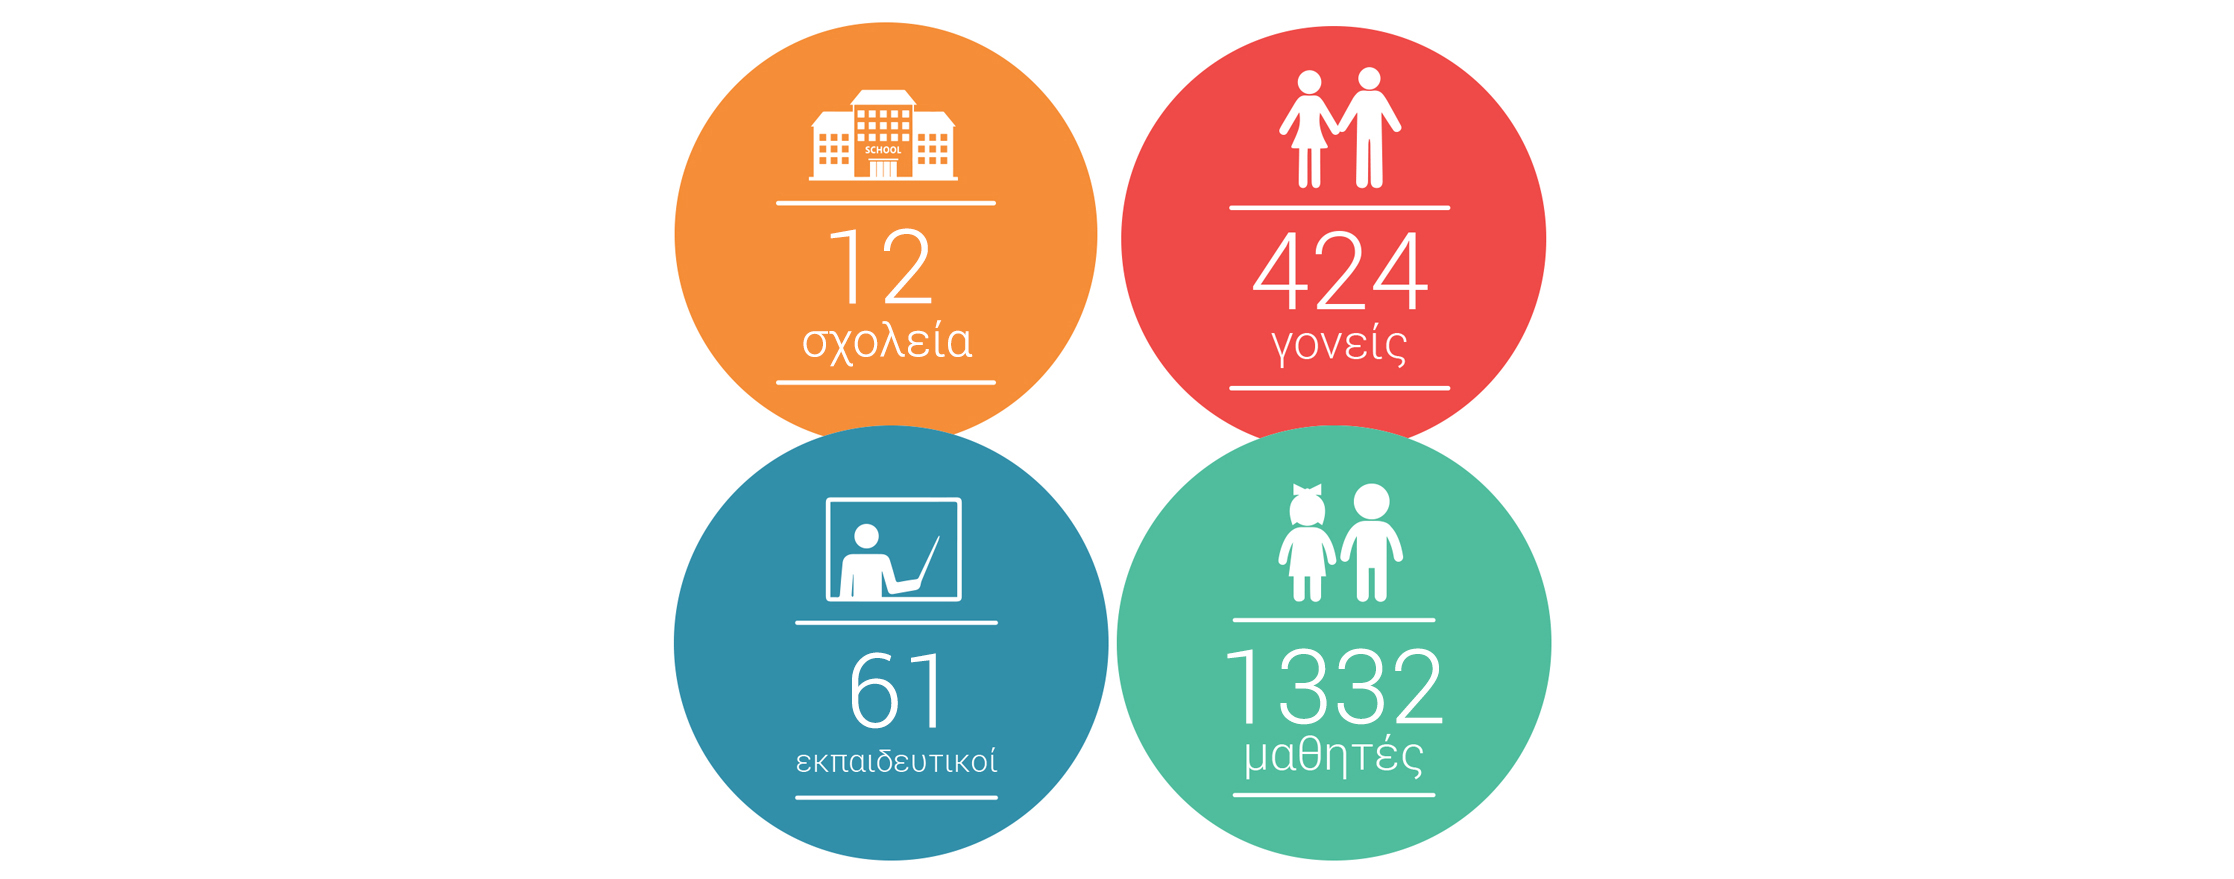 Συμμετέχοντες: 62 τμήματα, 424 γονείς, 53 εκπαιδευτικοί, 1172 μαθητές